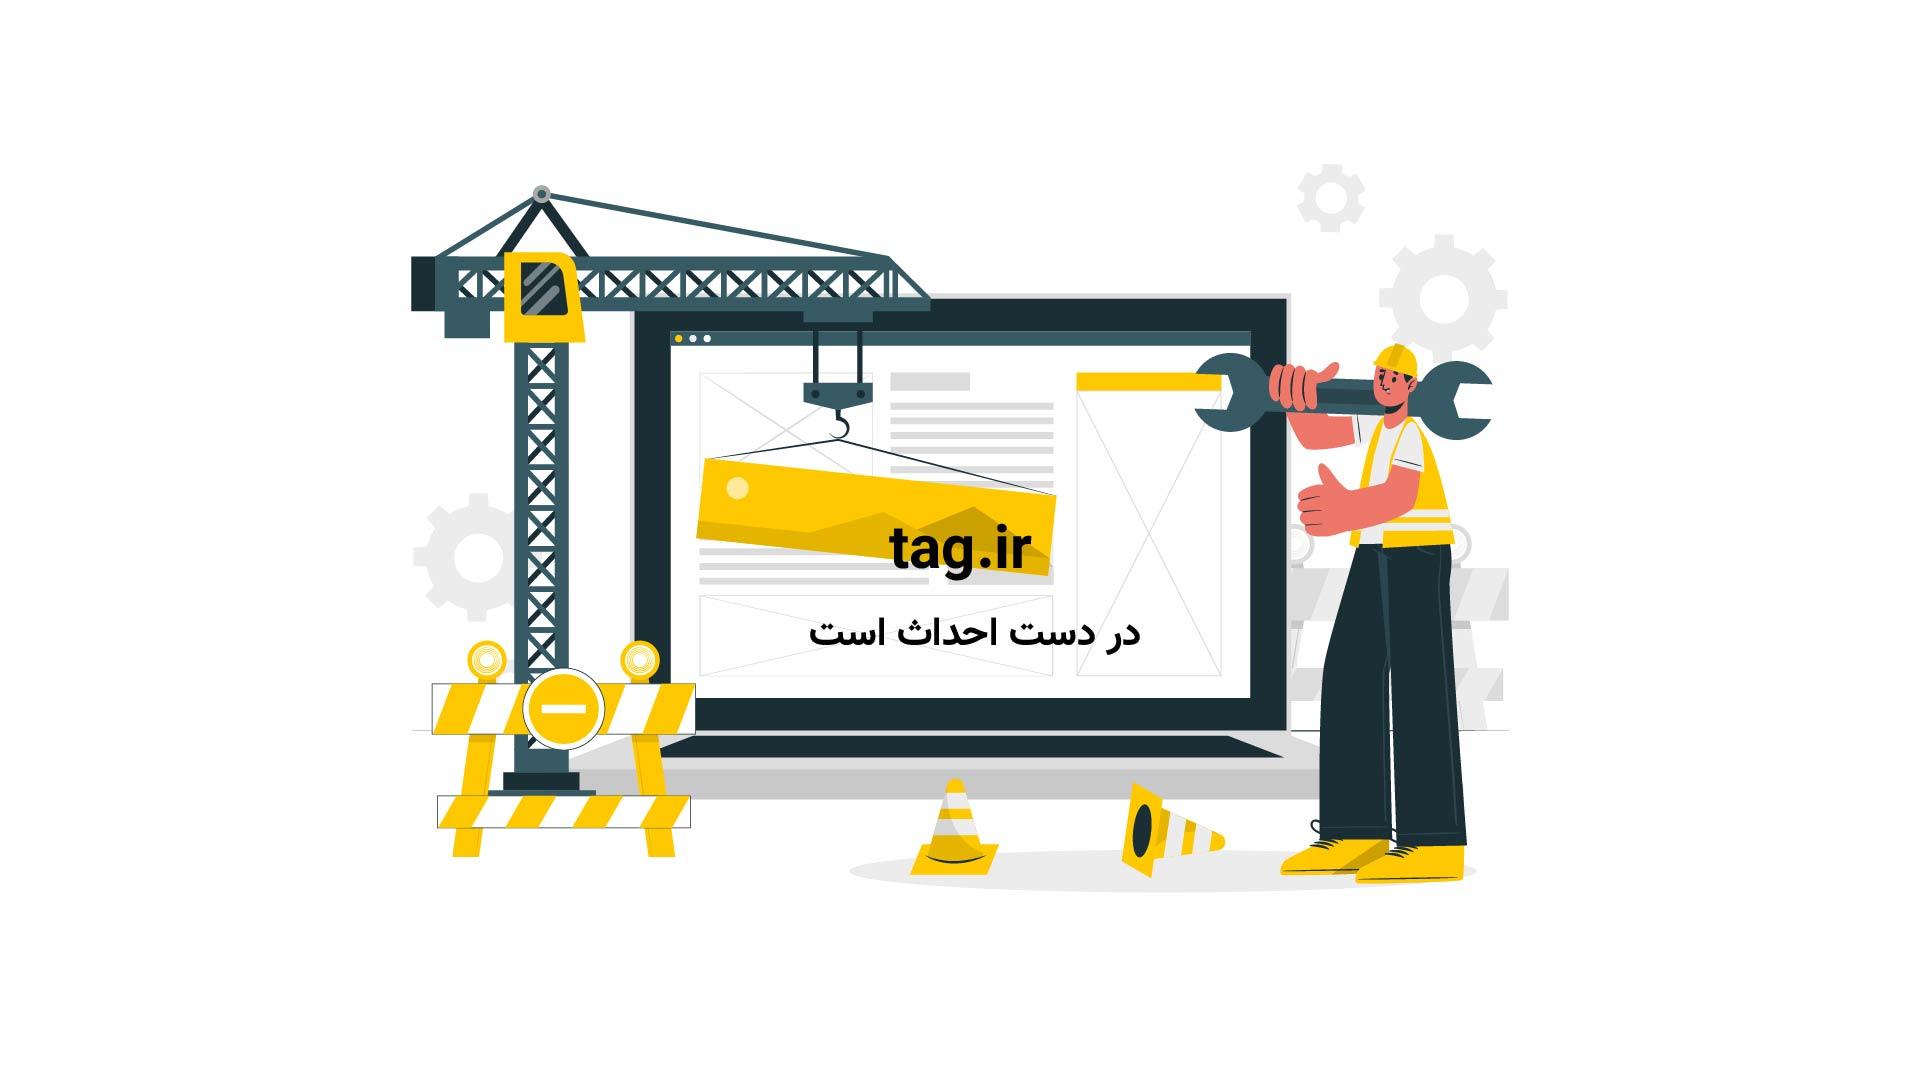 حسن روحانی: در برابر حرکت جدید کنگره آمریکا حتما پاسخ لازم را خواهیم داد | فیلم